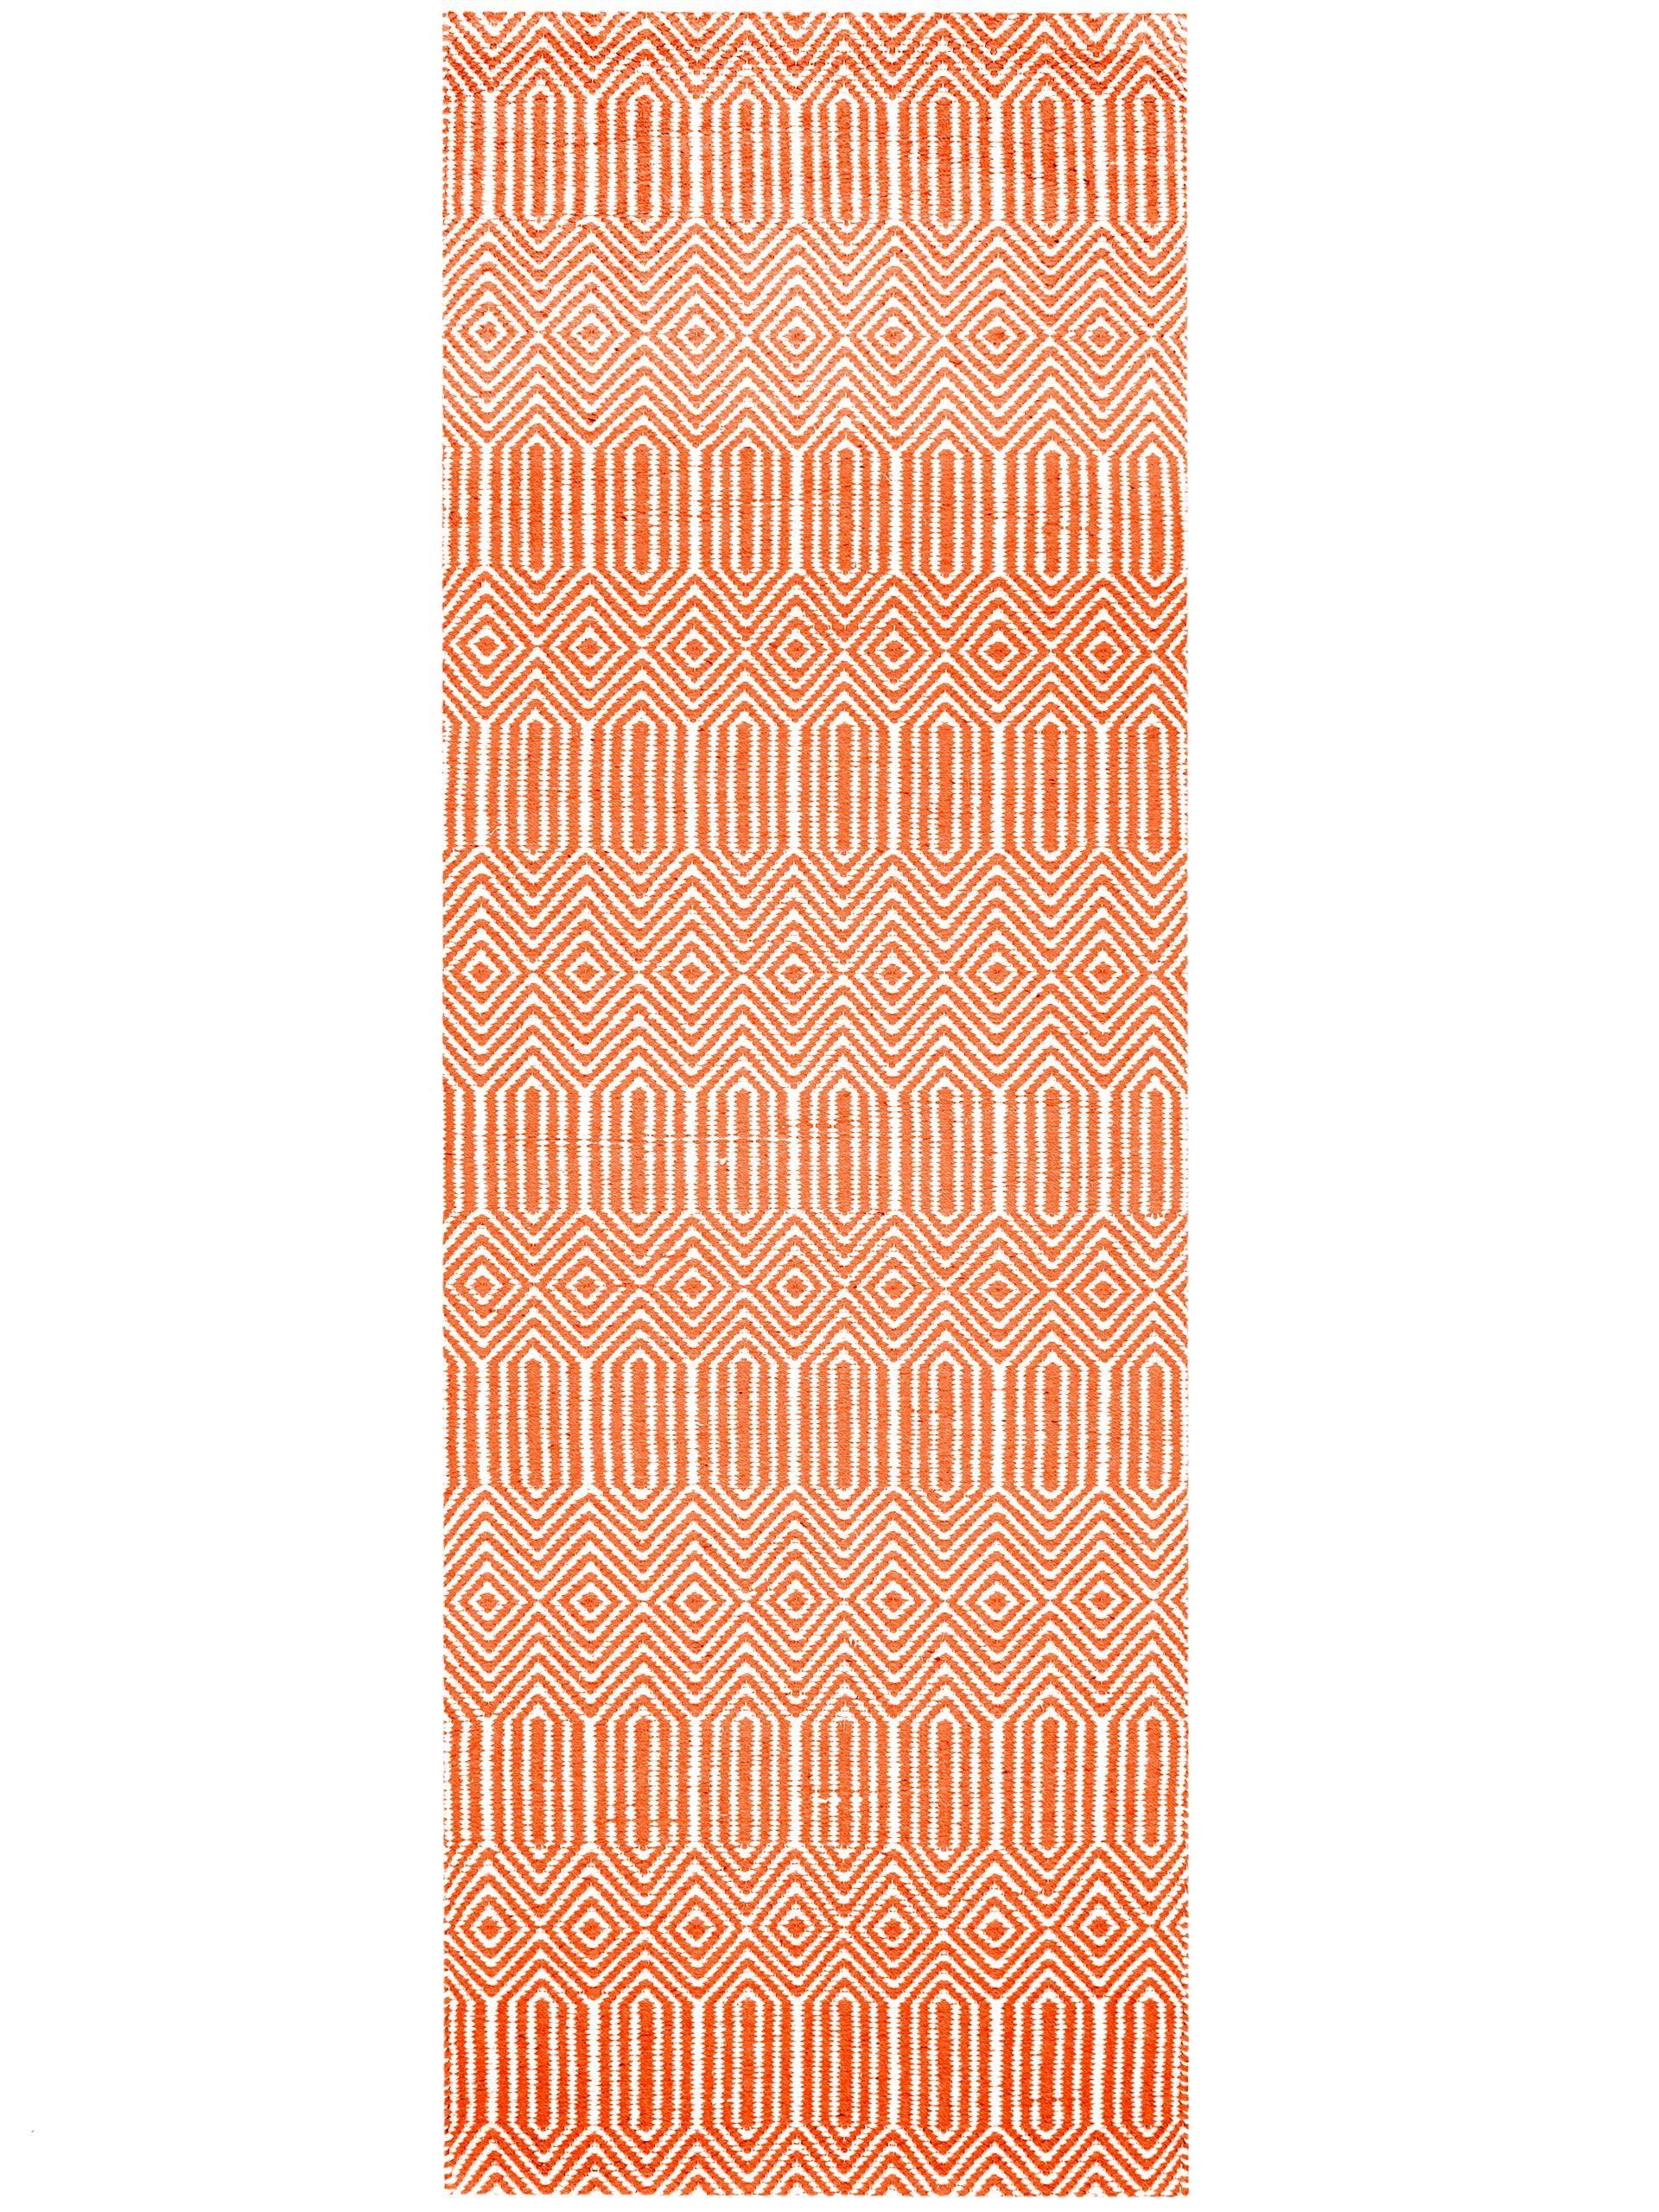 Tapis De Couloir Sloan Rouge Graphic Patterns Rugs Cotton Weaving